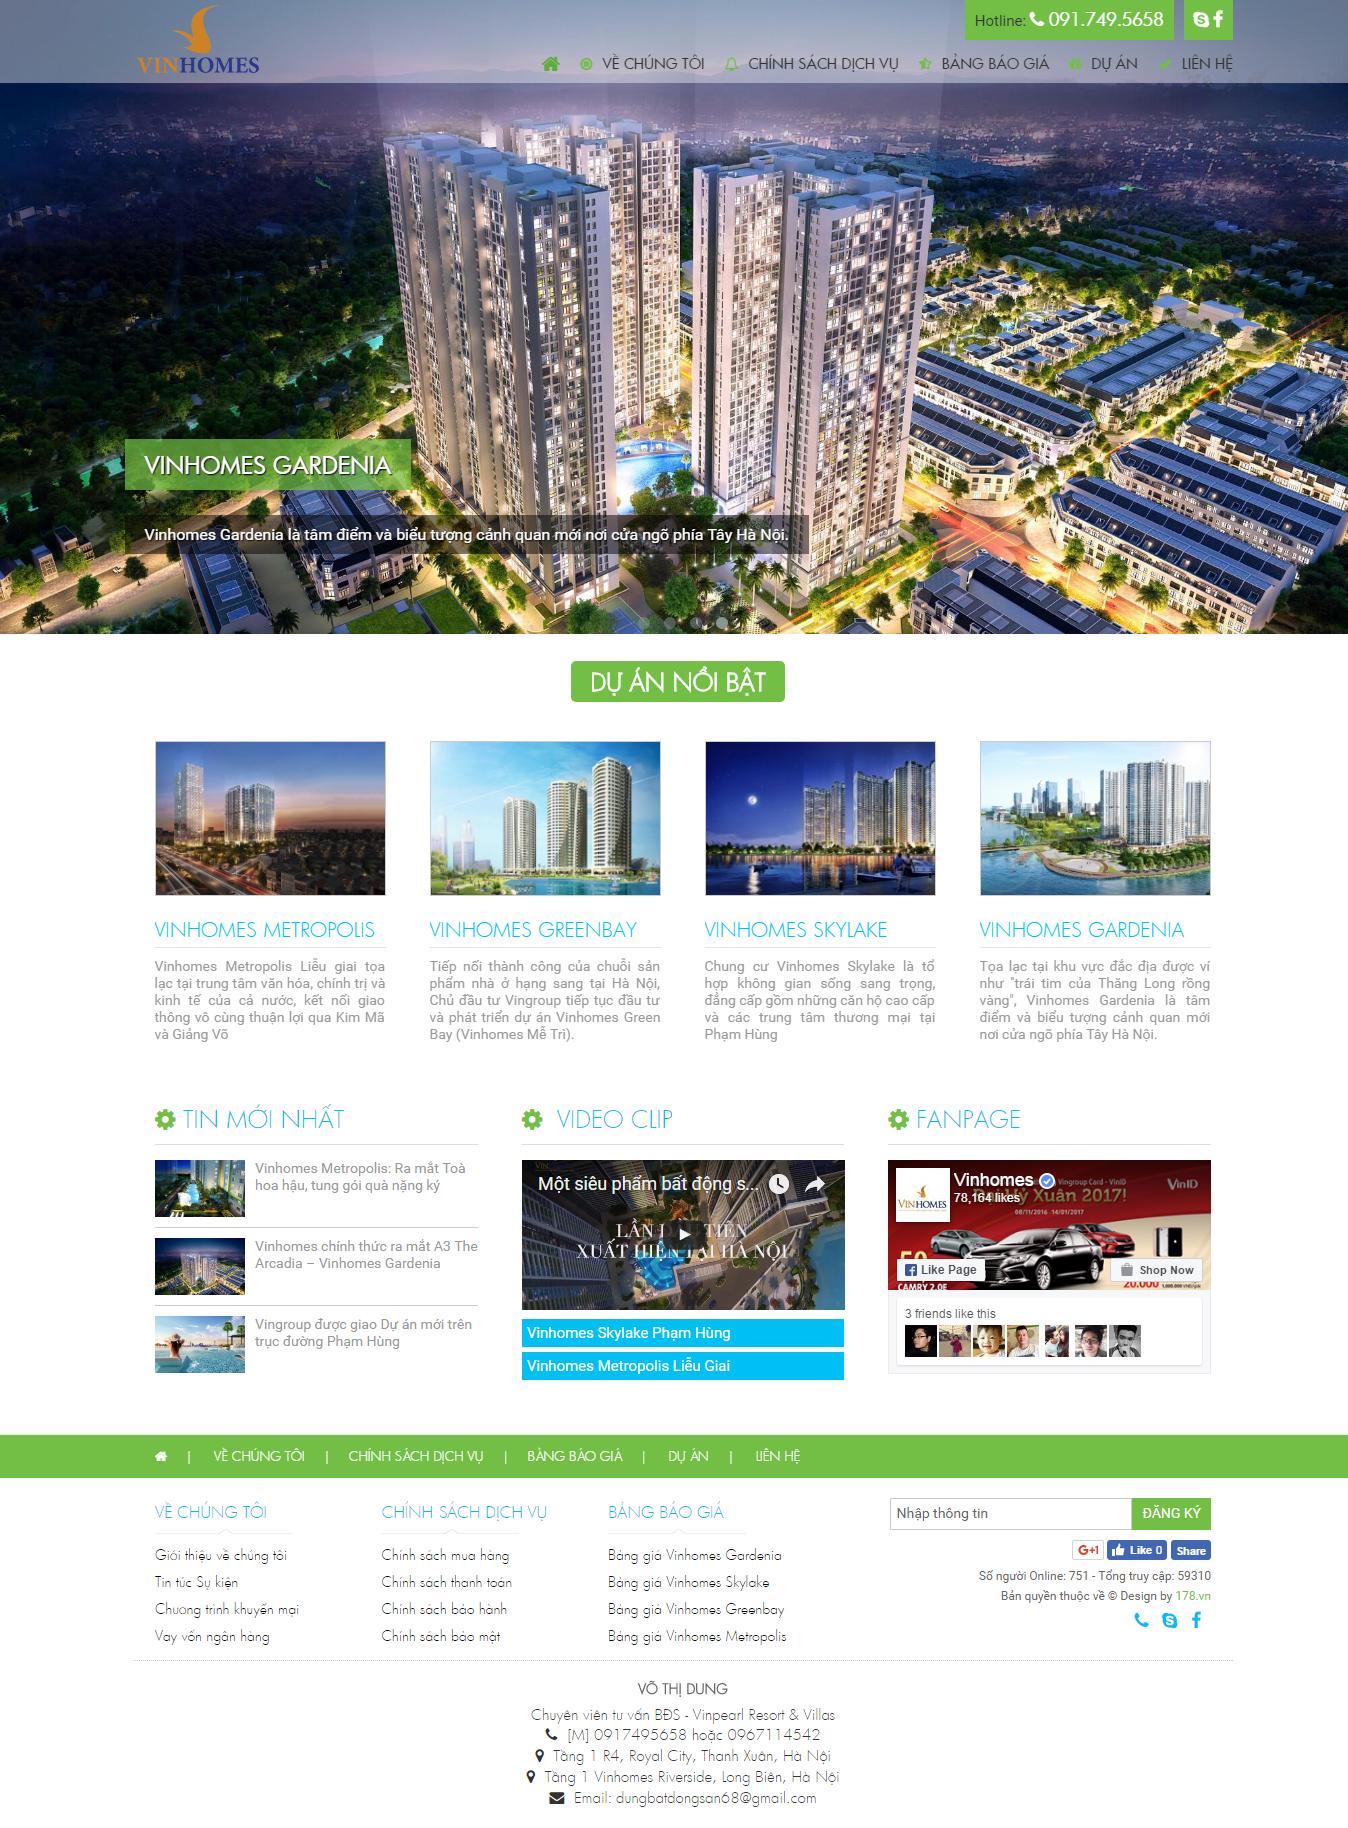 Web giá rẻ công ty bất động sản